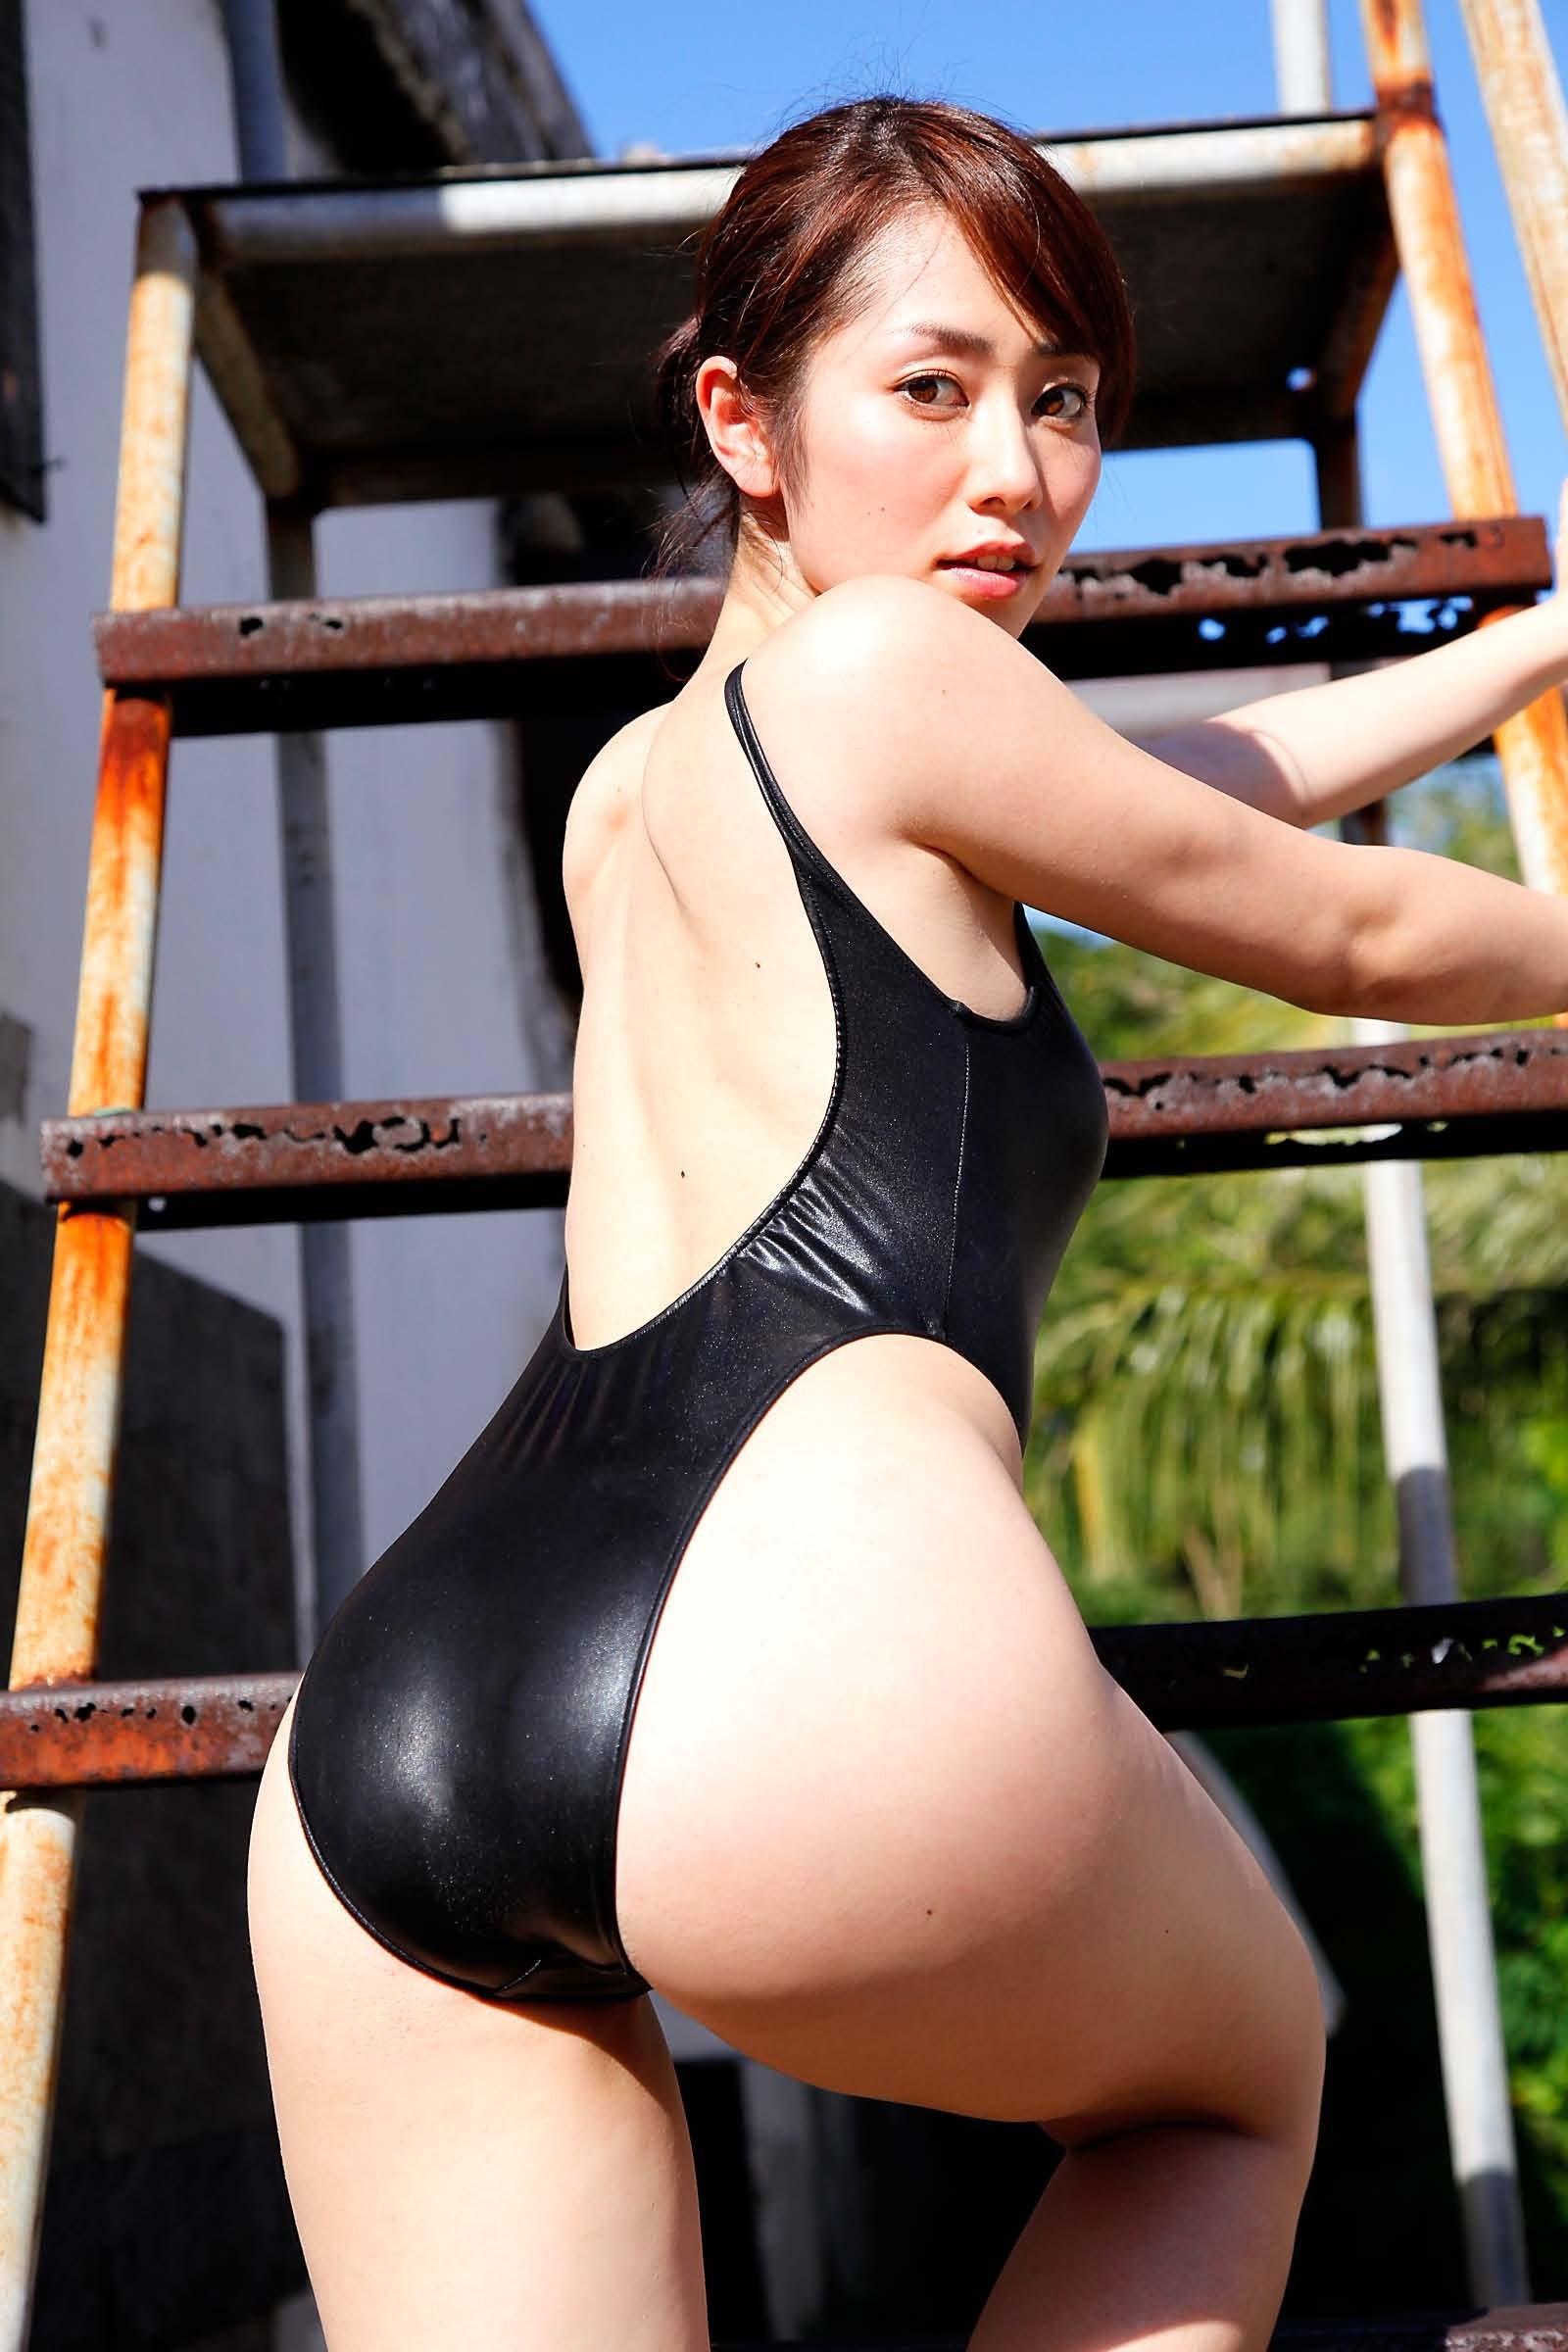 【水着エロ画像】着た時点で不可避のハミ尻wビキニに劣らない競泳水着女体www 11